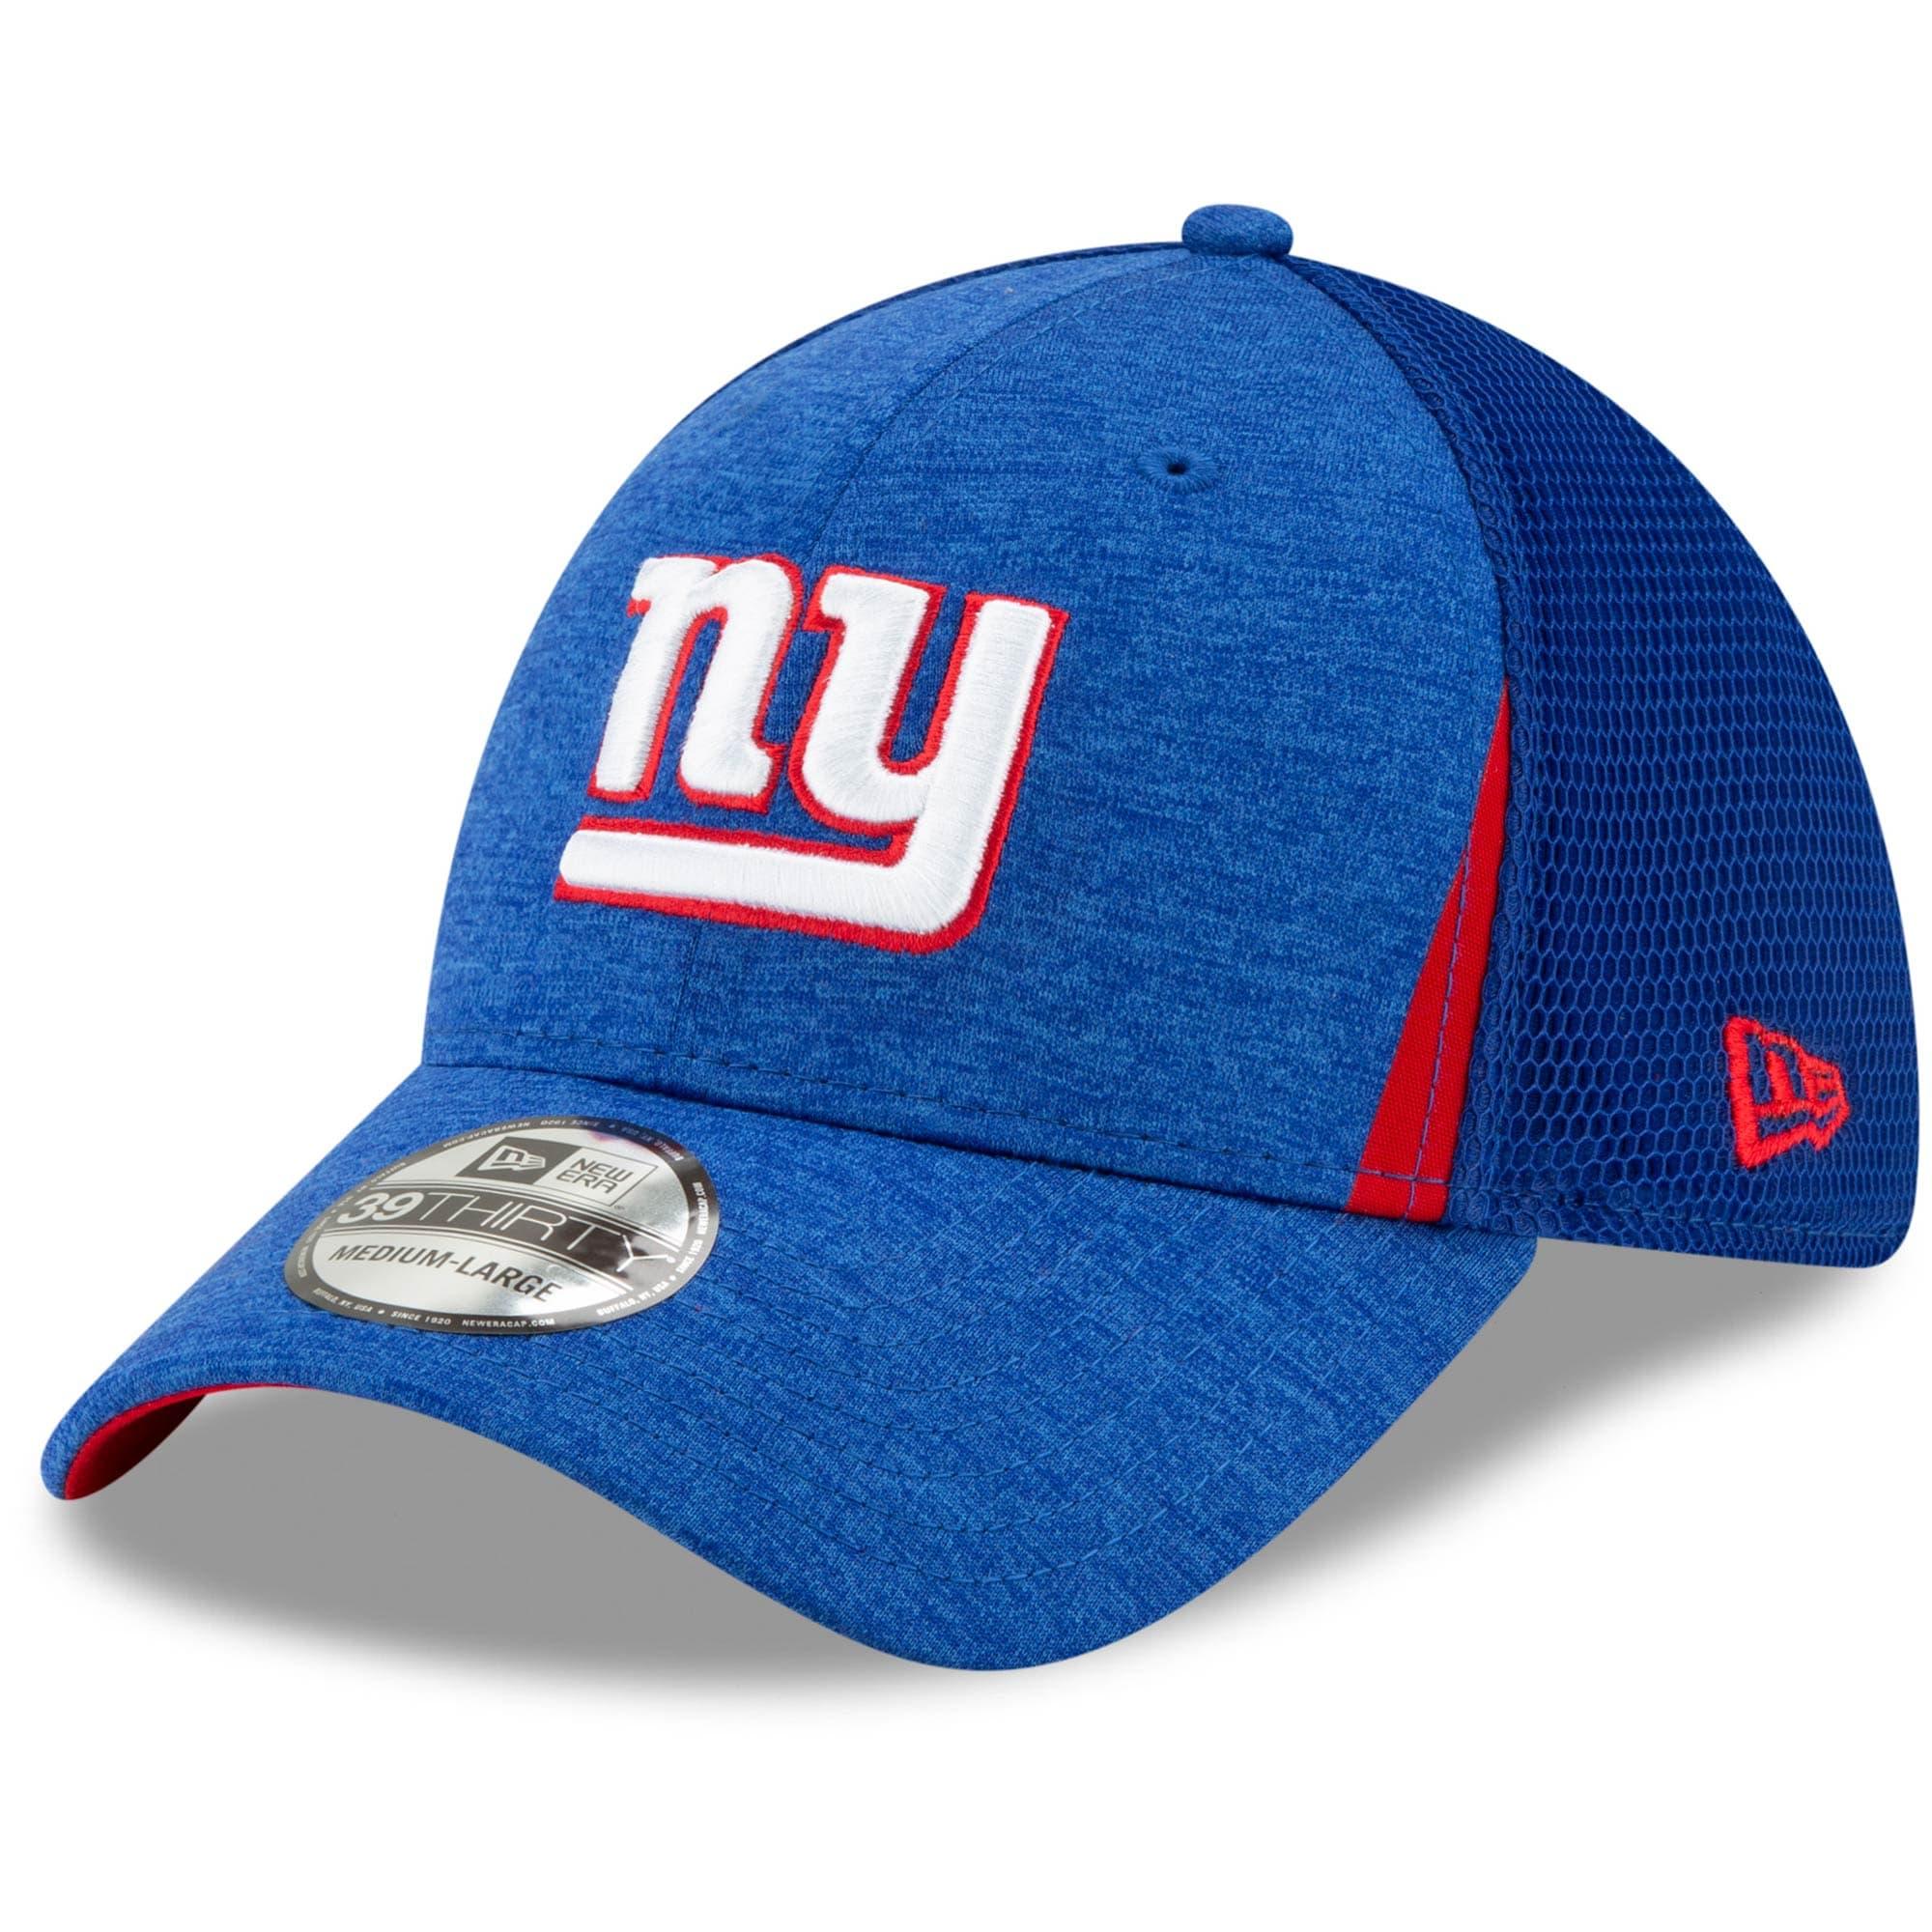 New York Giants New Era Slice Neo 39THIRTY Flex Hat - Royal